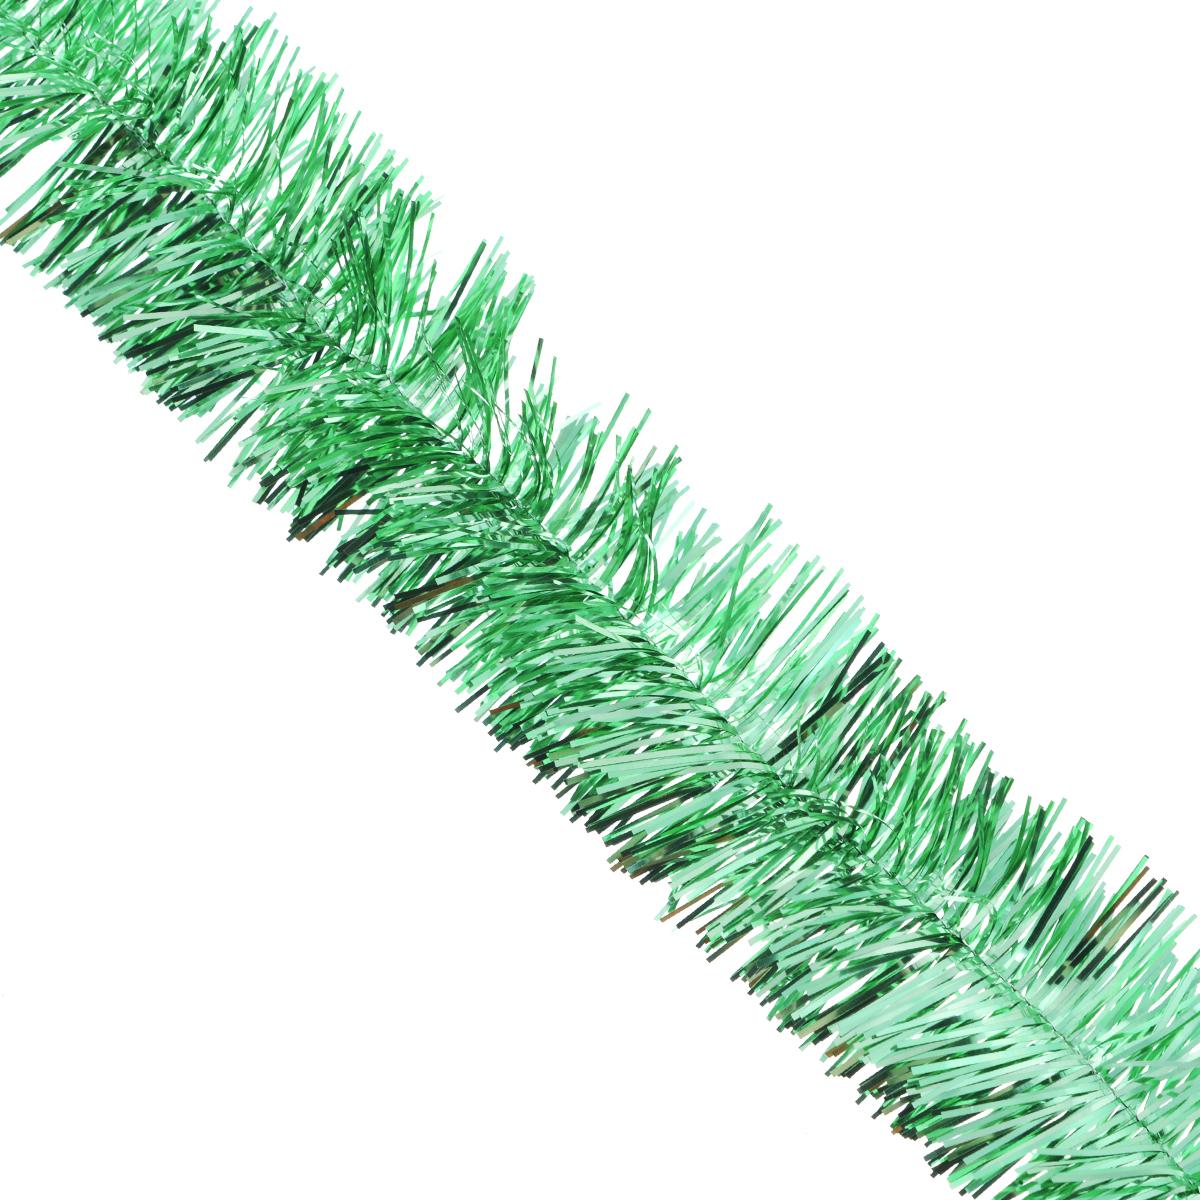 Мишура новогодняя Sima-land, цвет: серебристый, зеленый, диаметр 4 см, длина 138 см. 701305701305_серебристый, зеленыйНовогодняя мишура Sima-land, выполненная из фольги, поможет вам украсить свой дом к предстоящим праздникам. А новогодняя елка с таким украшением станет еще наряднее. Мишура армирована, то есть имеет проволоку внутри и способна сохранять любую форму, которую вы ей придадите. Новогодней мишурой можно украсить все, что угодно - елку, квартиру, дачу, офис - как внутри, так и снаружи. Можно сложить новогодние поздравления, буквы и цифры, мишурой можно украсить и дополнить гирлянды, можно выделить дверные колонны, оплести дверные проемы.